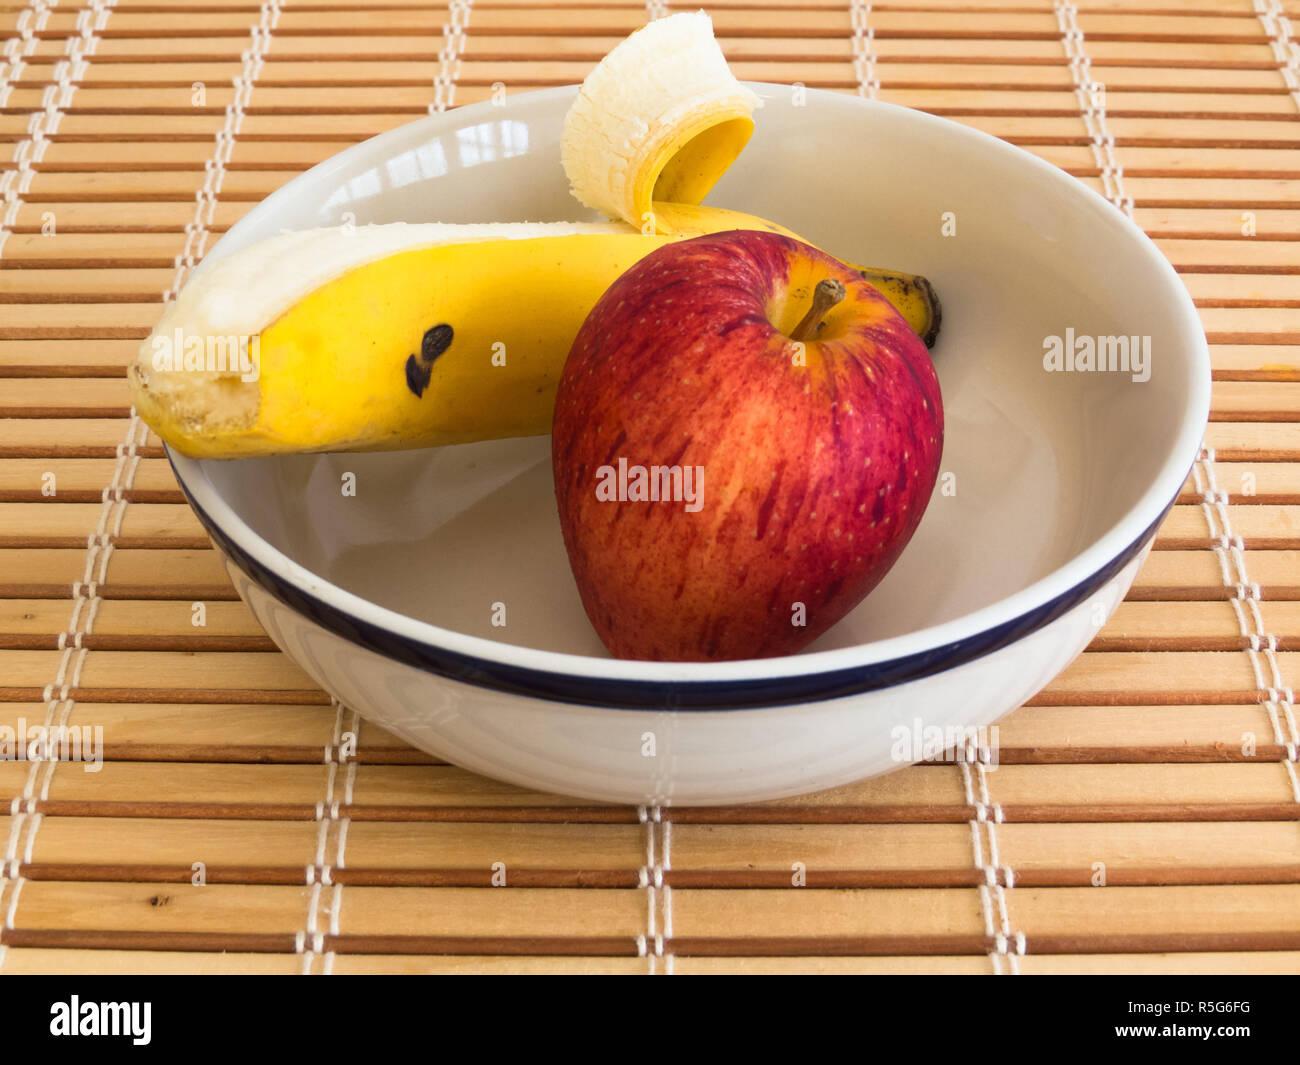 Apple e banana recipiente interno su strisce di legno tabella Immagini Stock